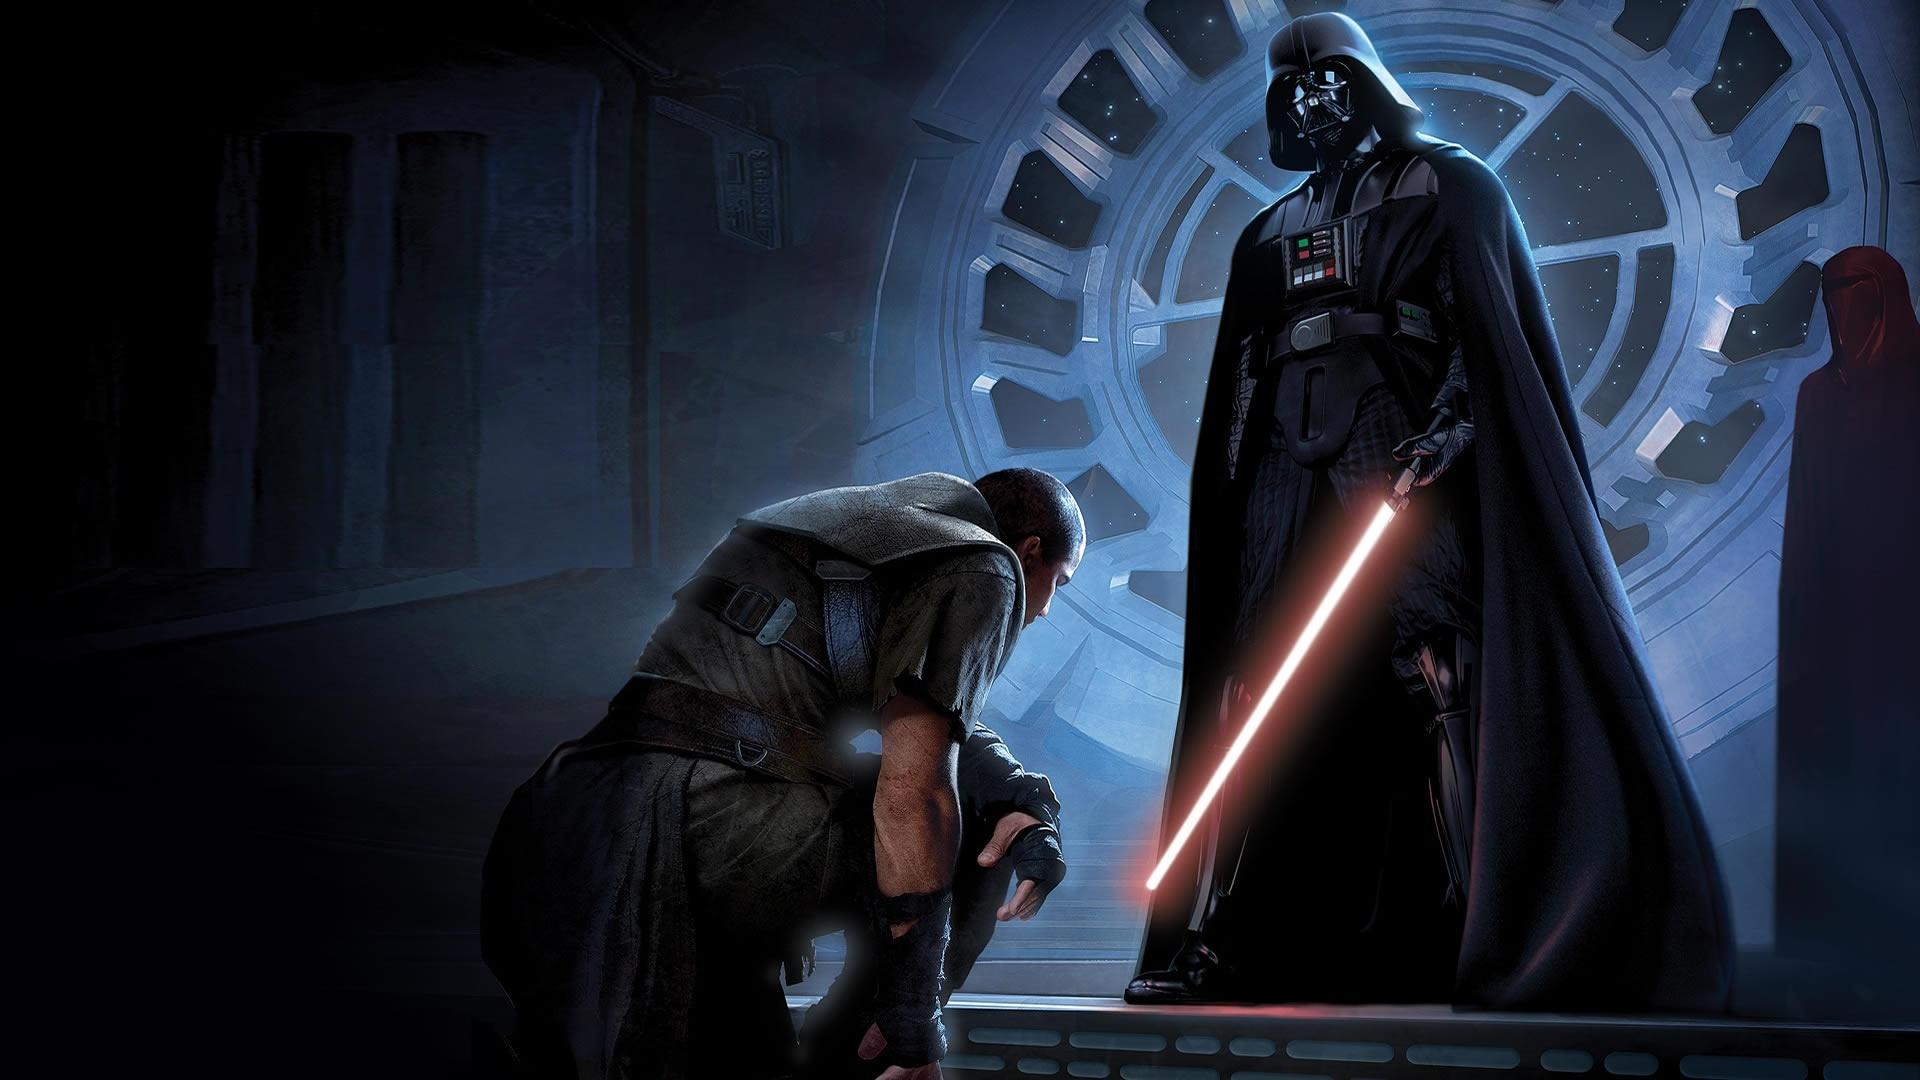 fond d'écran du jeu star wars : le pouvoir de la force x